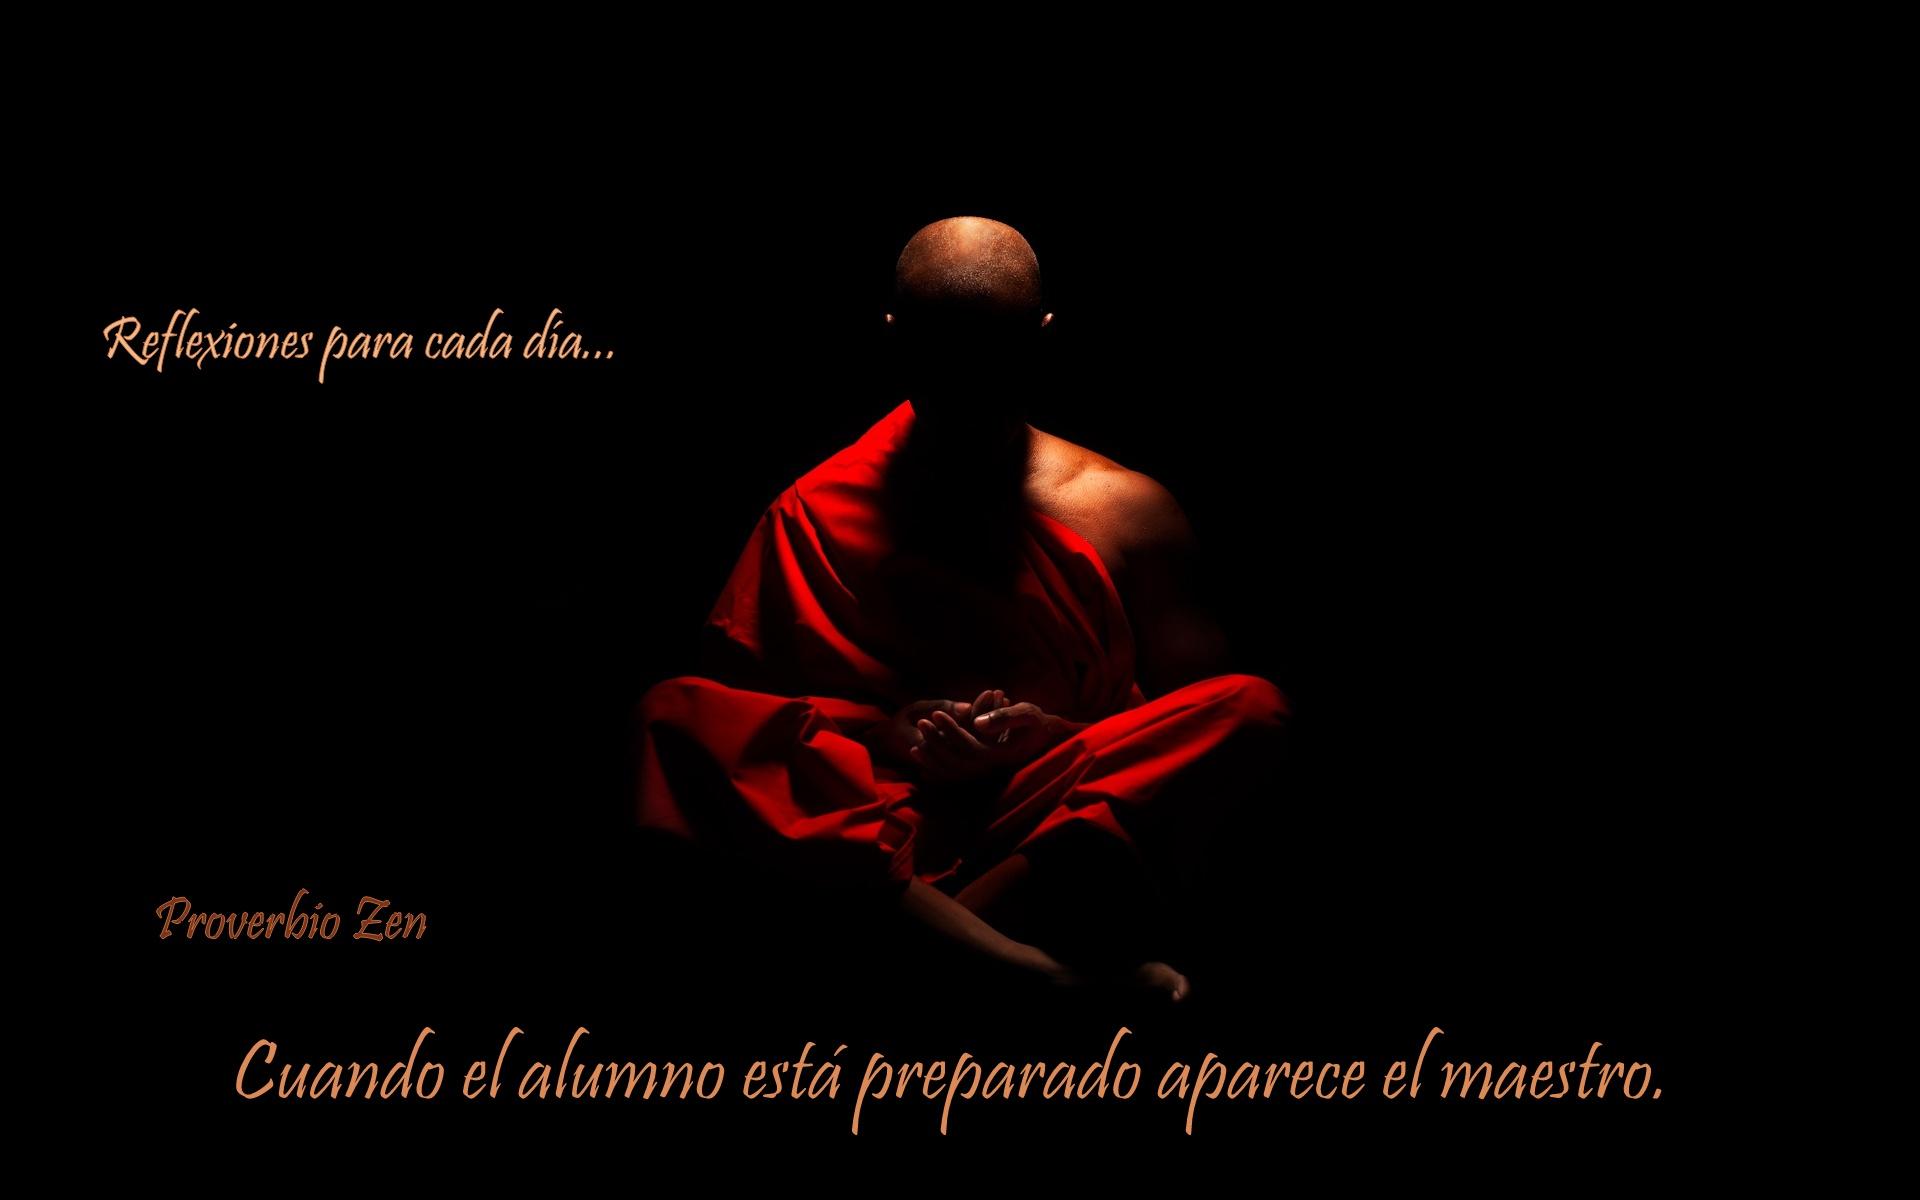 http://reflexionesdiarias.es/wp-content/uploads/2014/06/Shaolin-Monk-001.jpg